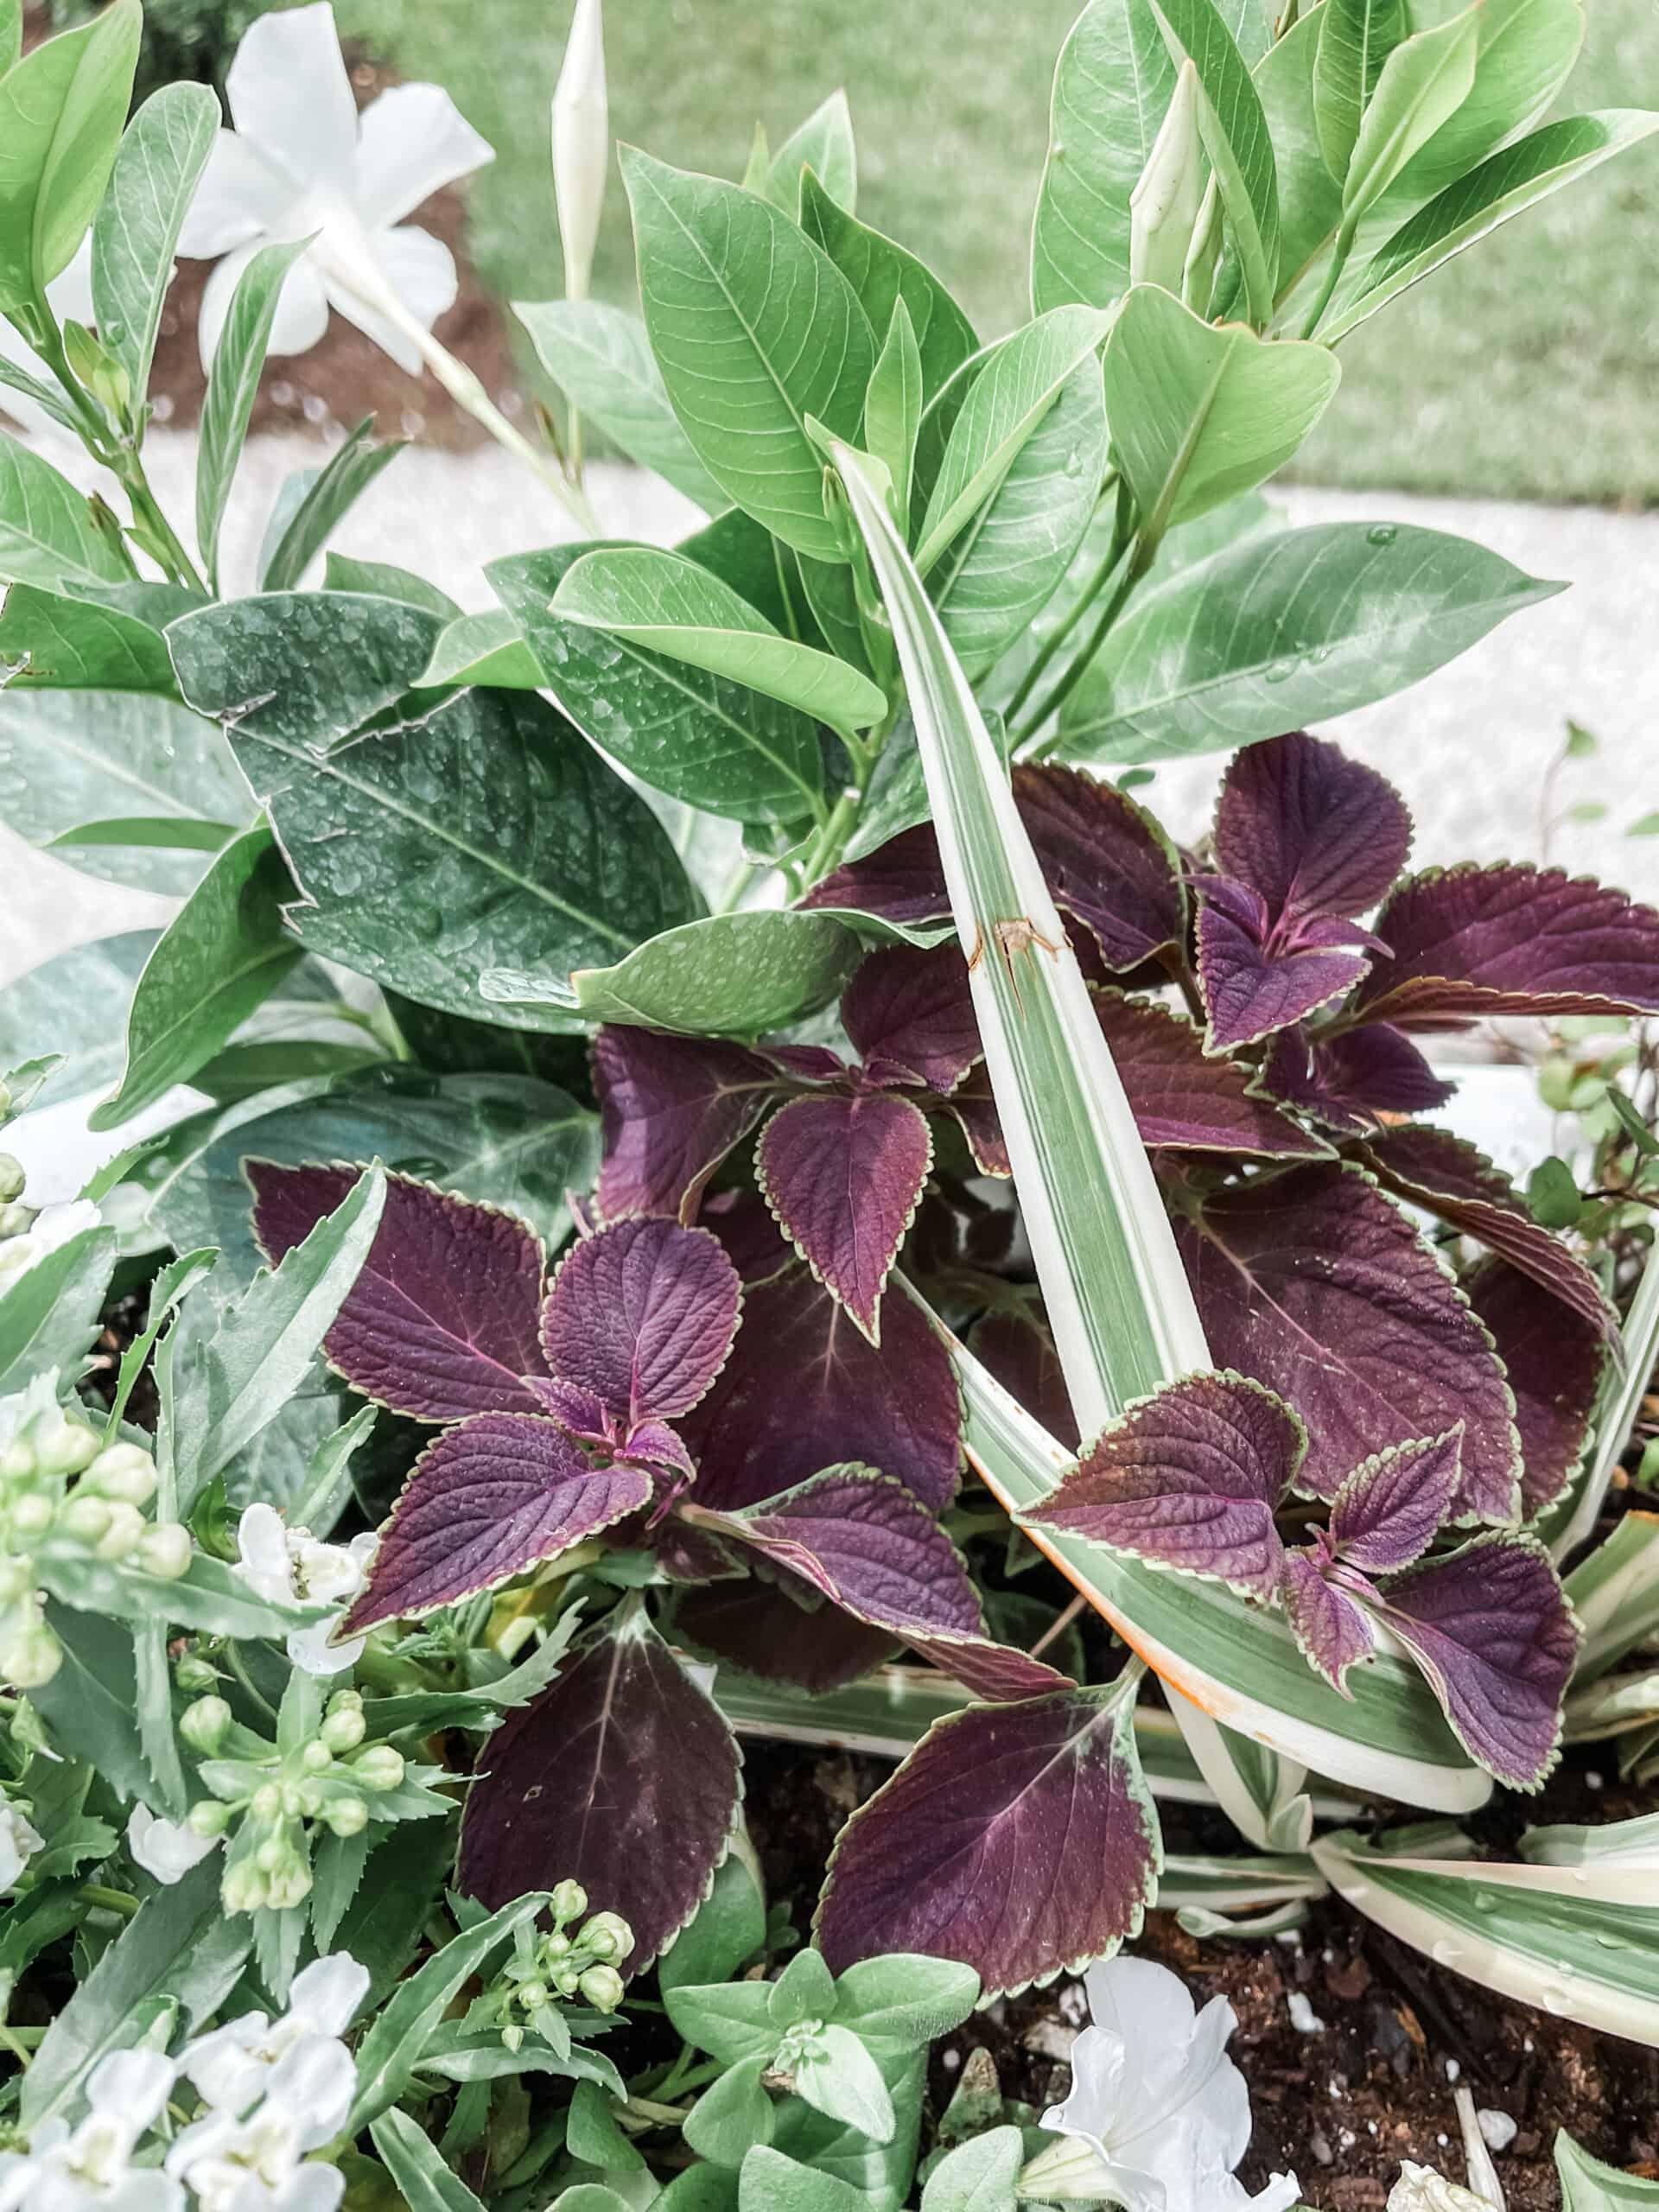 Flax Lillies, coleus, and geranium